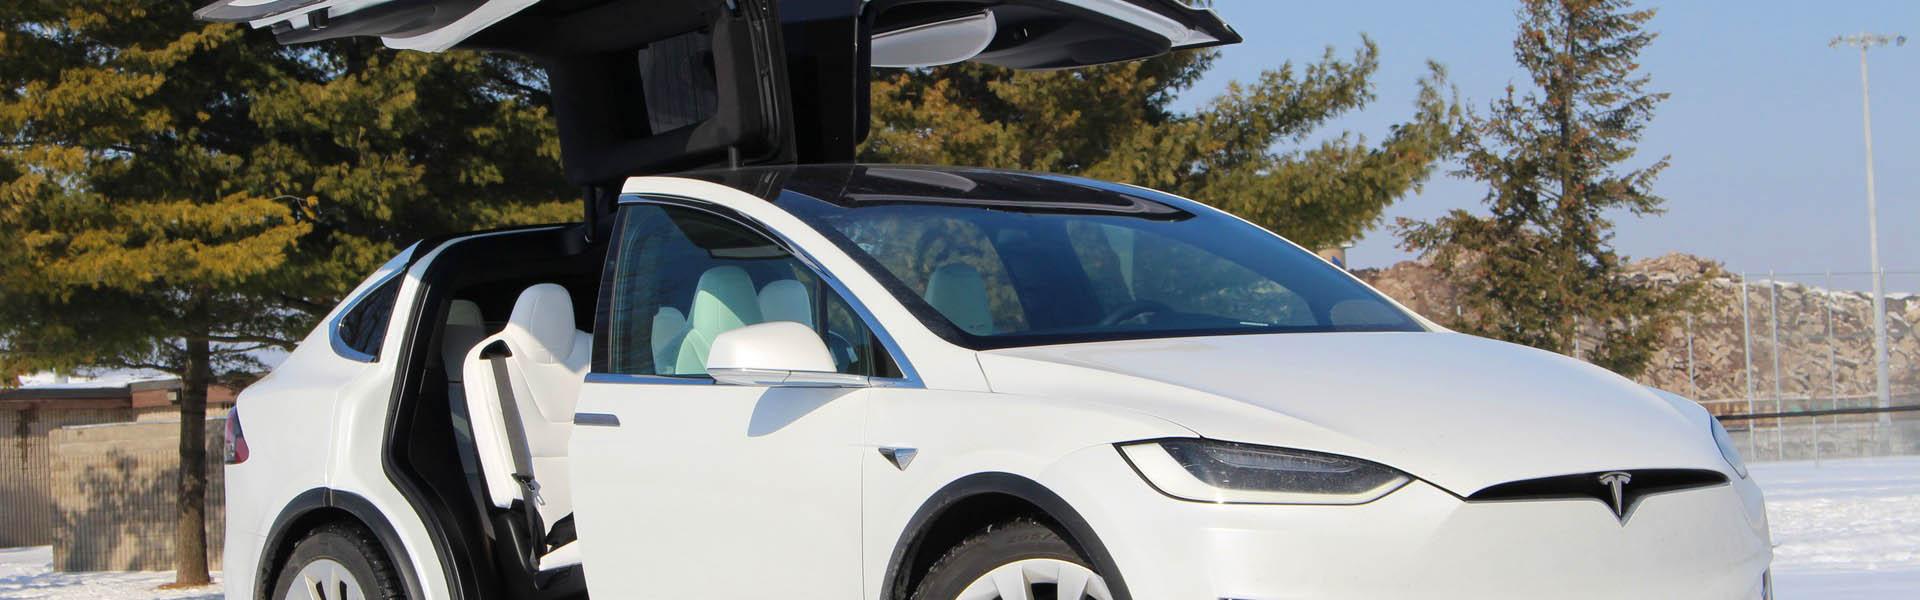 Как арендовать и использовать самый необычный в мире гаджет - электромобиль Tesla